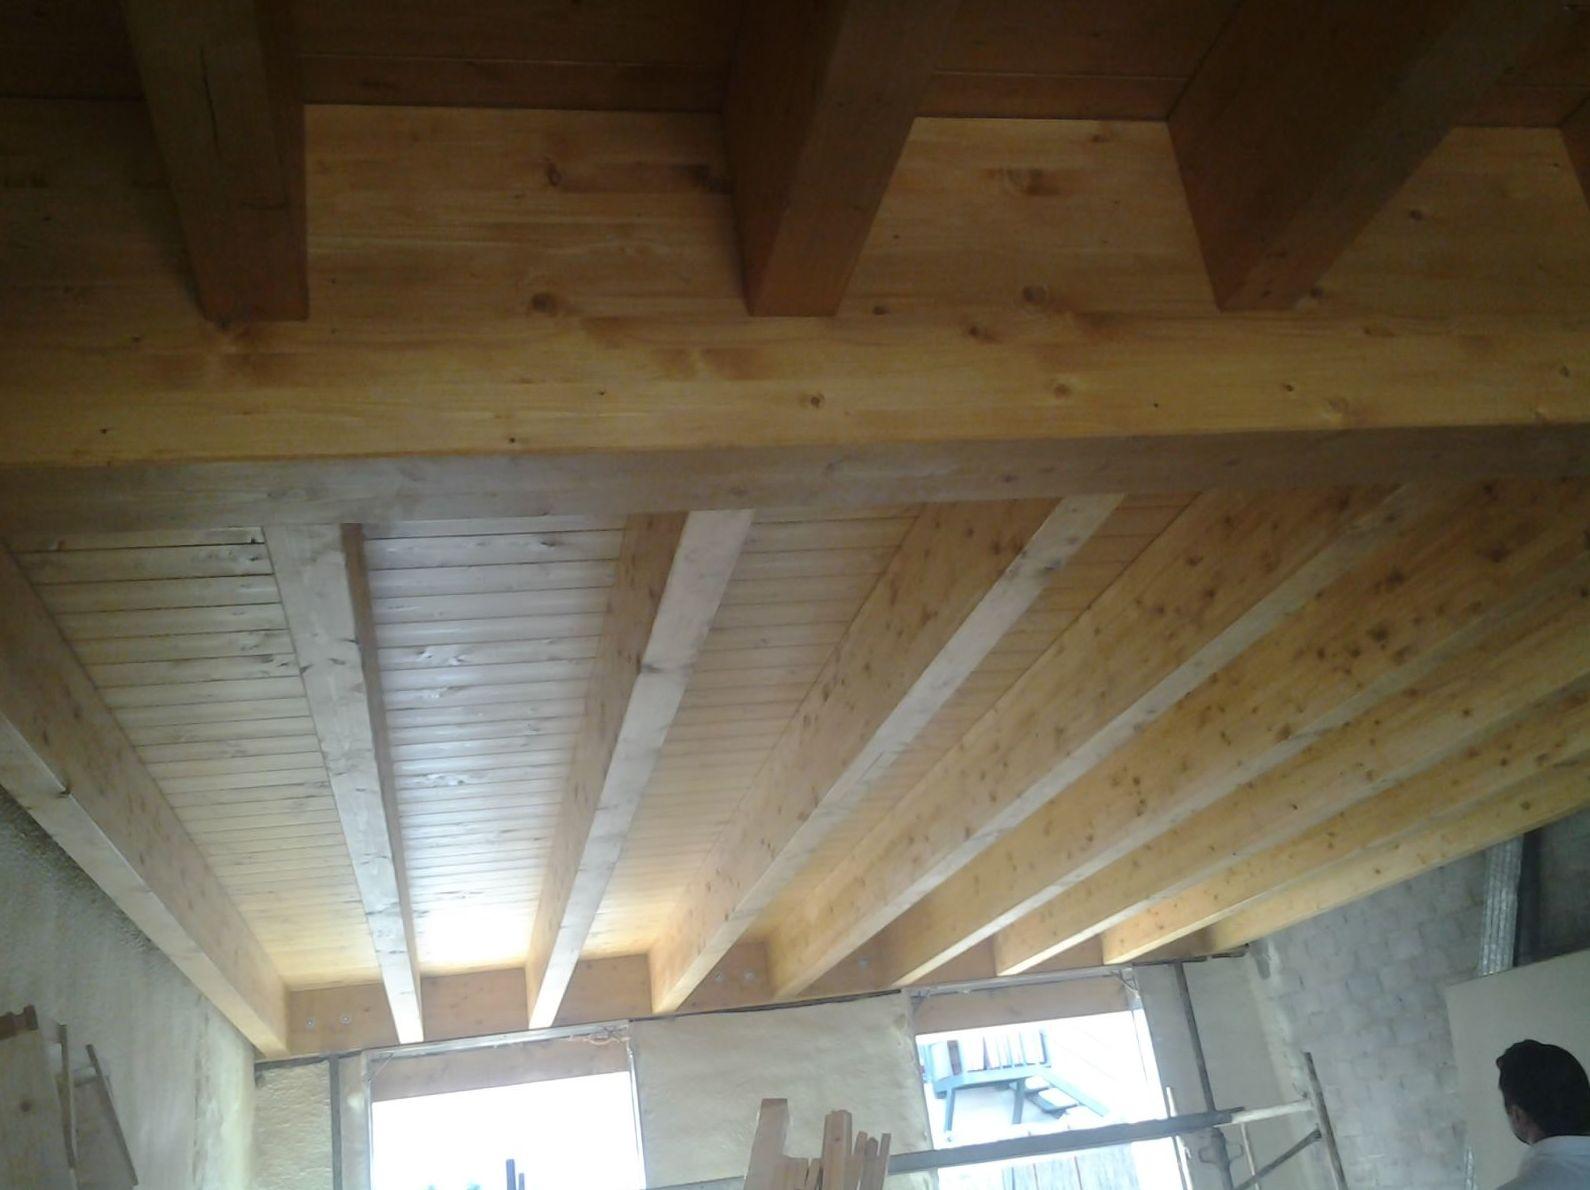 forjado construido en madera